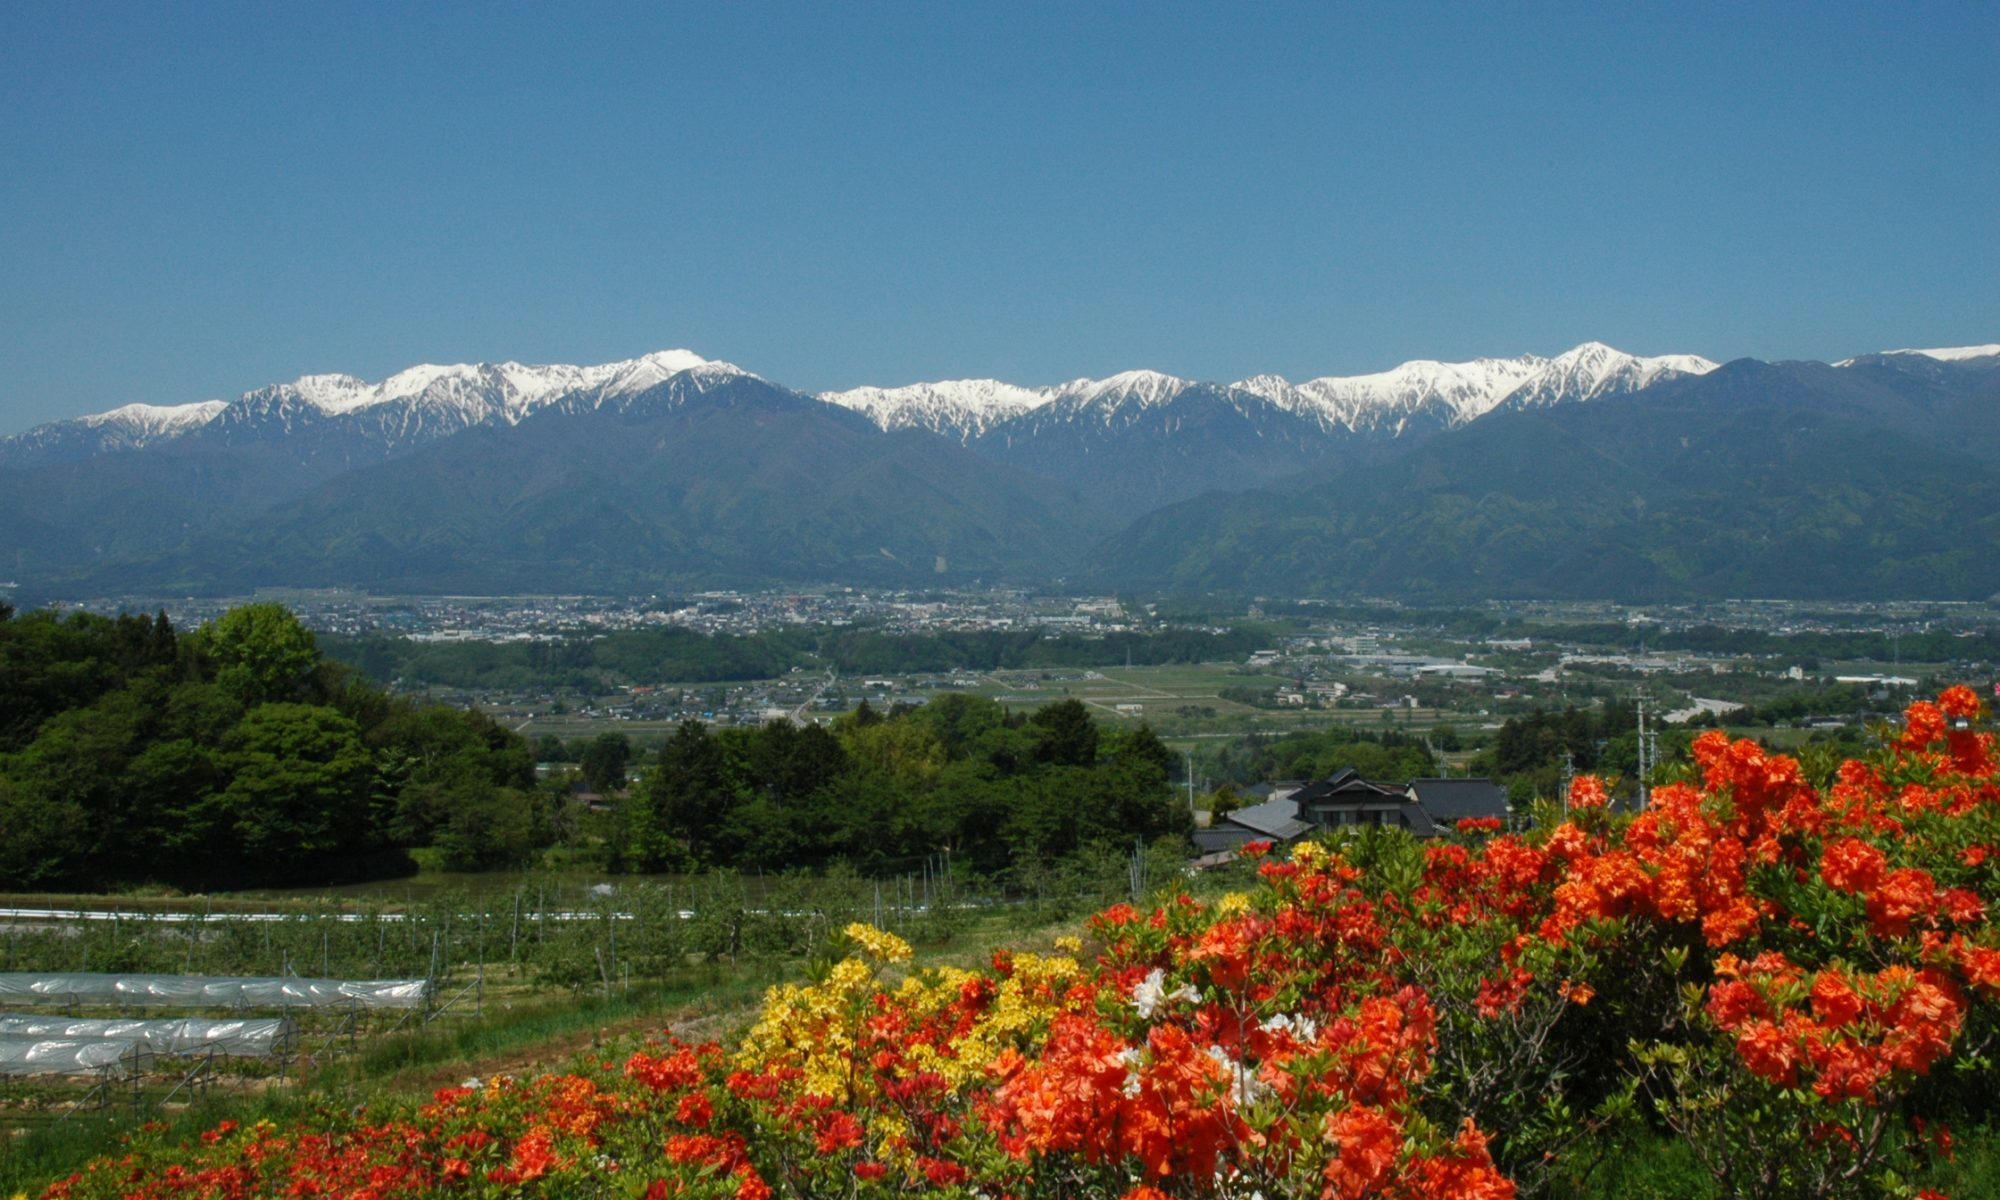 信州駒ヶ根での田舎暮らしを応援する【あるぷす不動産】のブログ